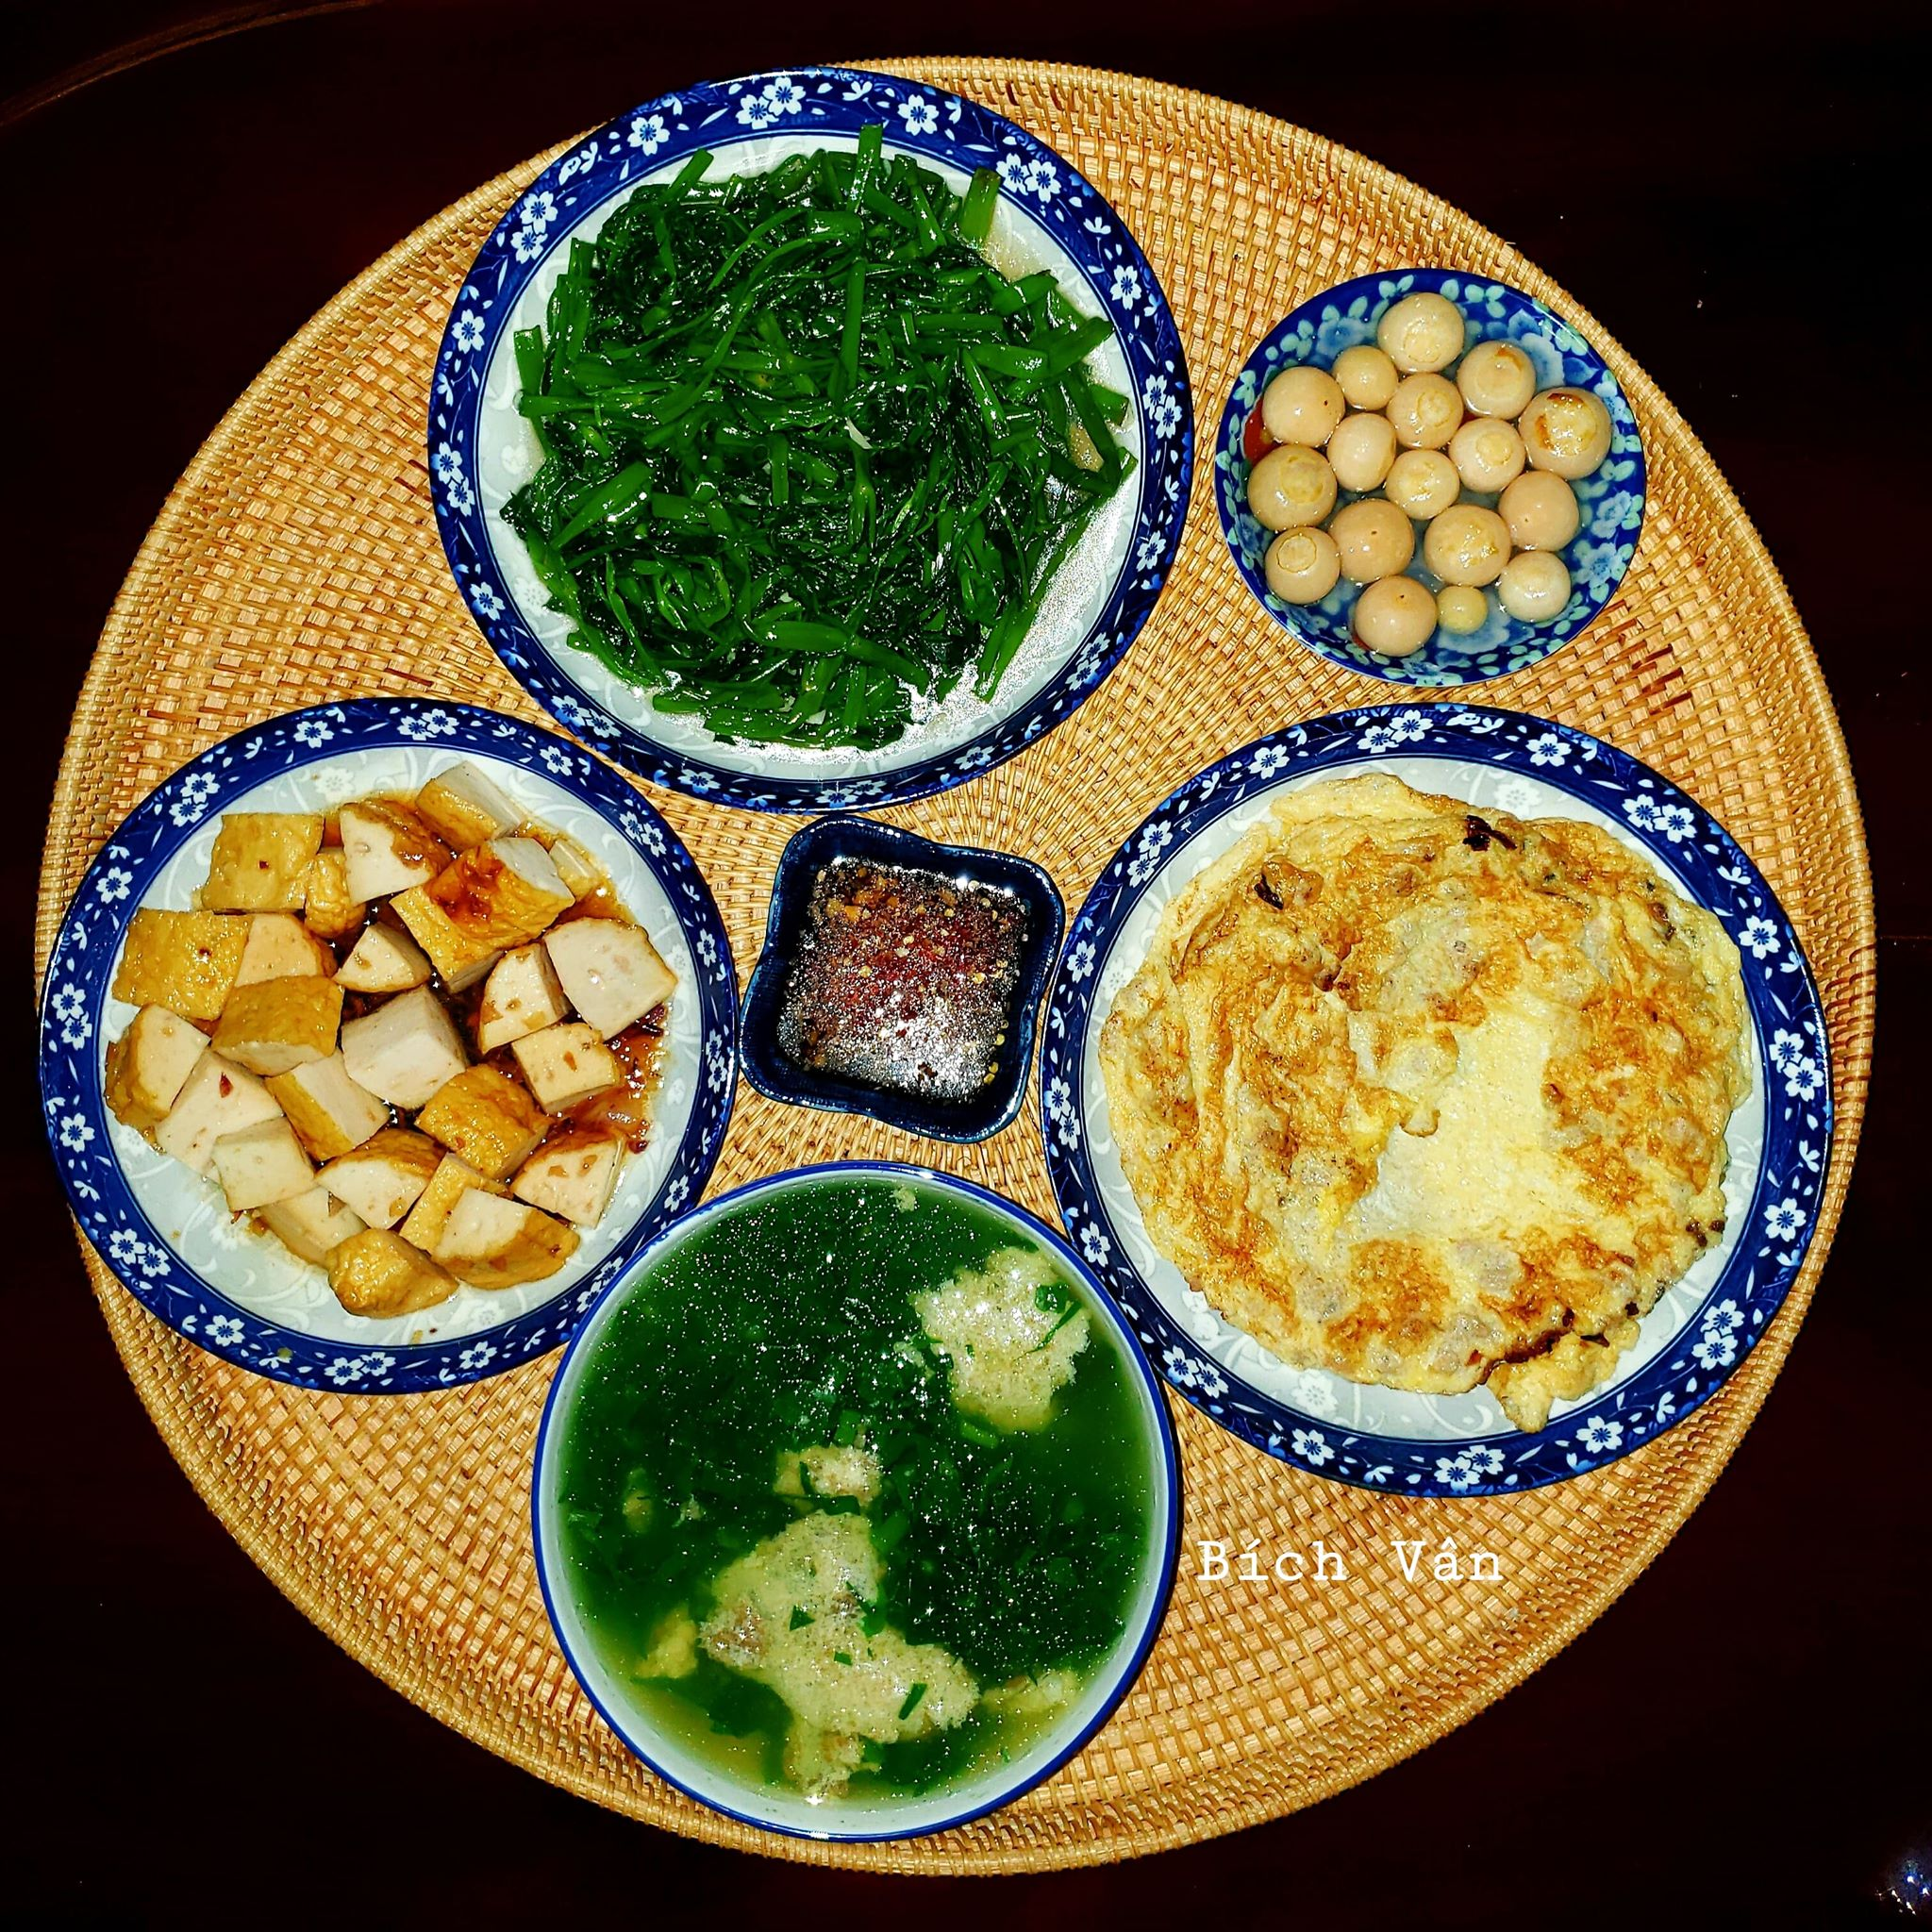 Chỉ từ 130k trở lên, bà nội trợ đảm Sài Gòn sắm sửa mỗi bữa cơm đều như đãi tiệc với các món bổ dưỡng, đẹp mắt cho gia đình 6 thành viên - Ảnh 4.